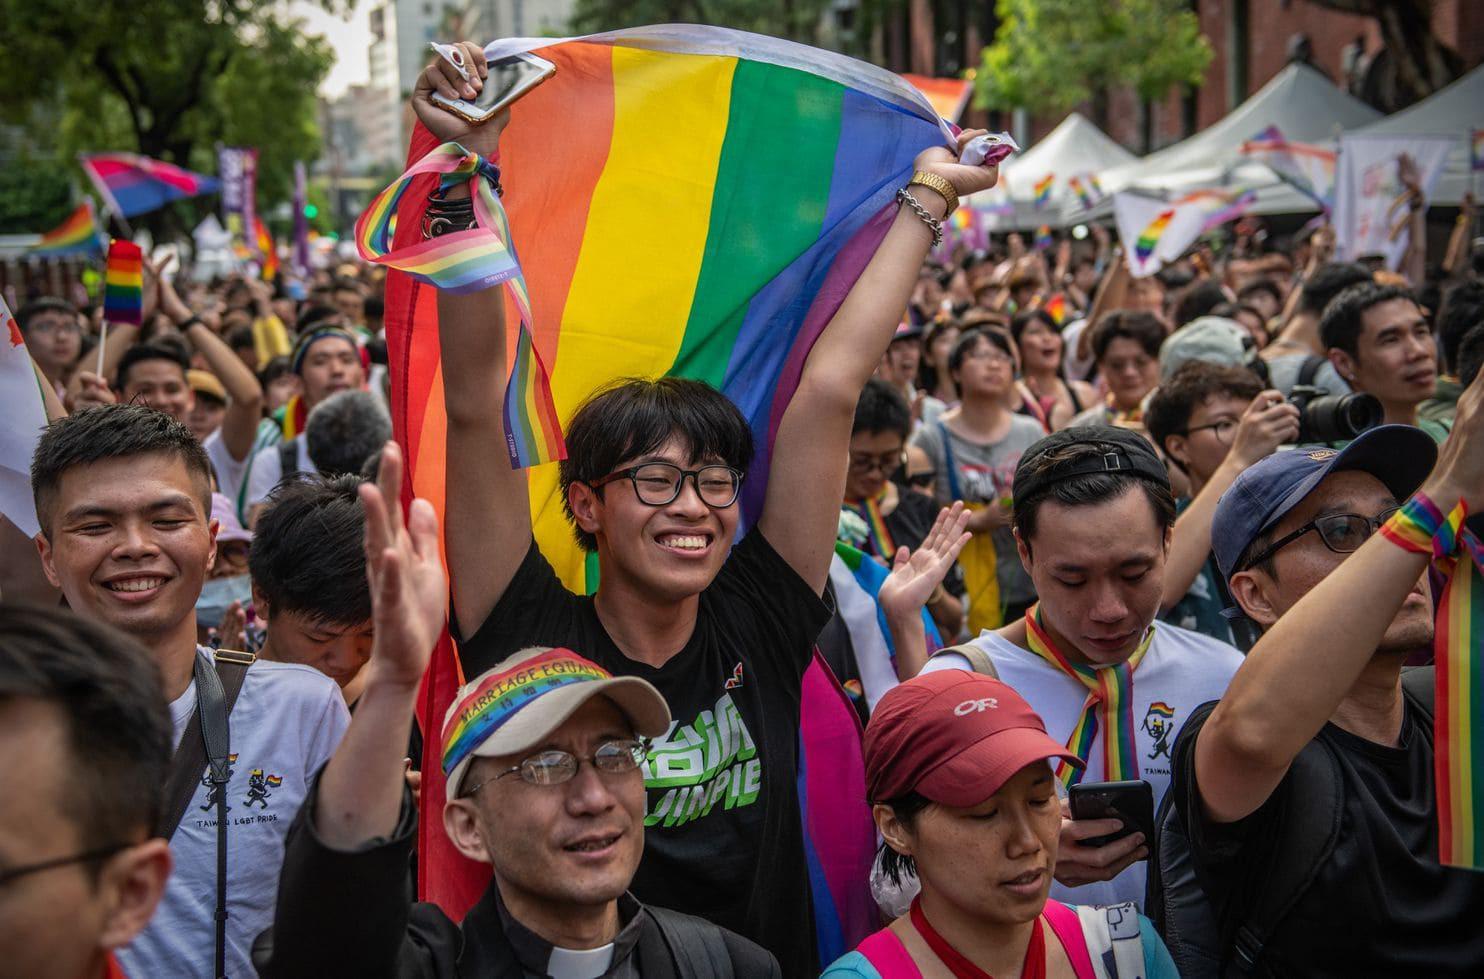 Hành trình chông gai để được công nhận hôn nhân đồng giới của cộng đồng LGBTQ+ tại Đài Loan (Trung Quốc) - Ảnh 1.